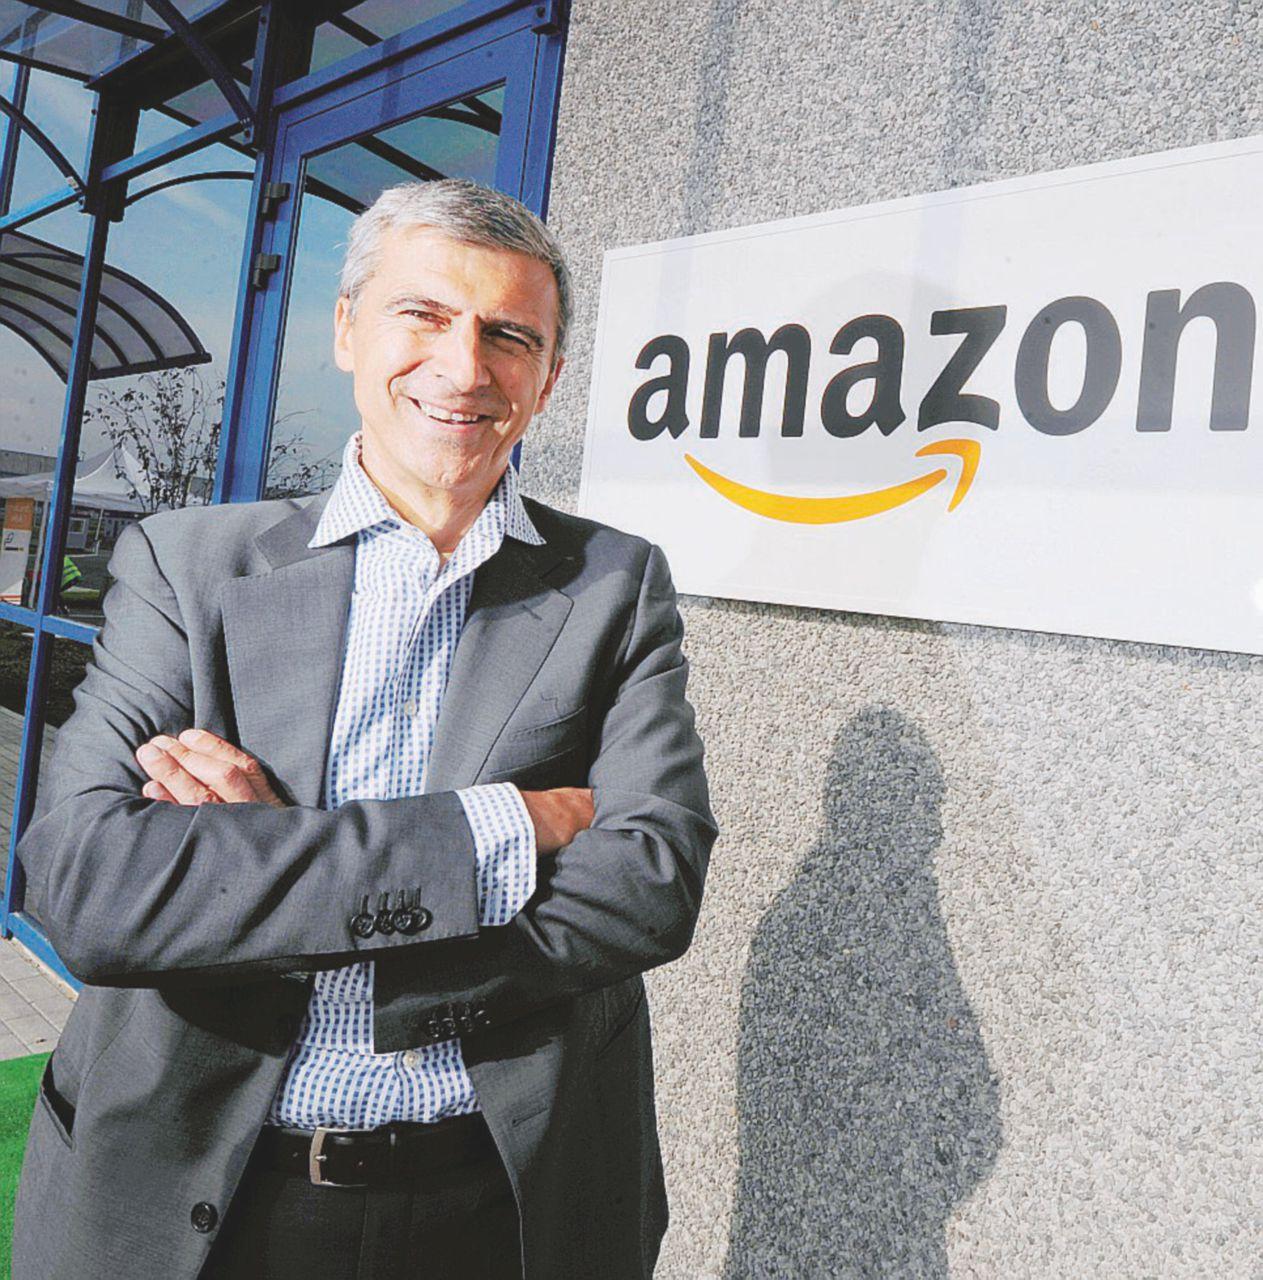 Un Regio decreto per blindare mister Amazon